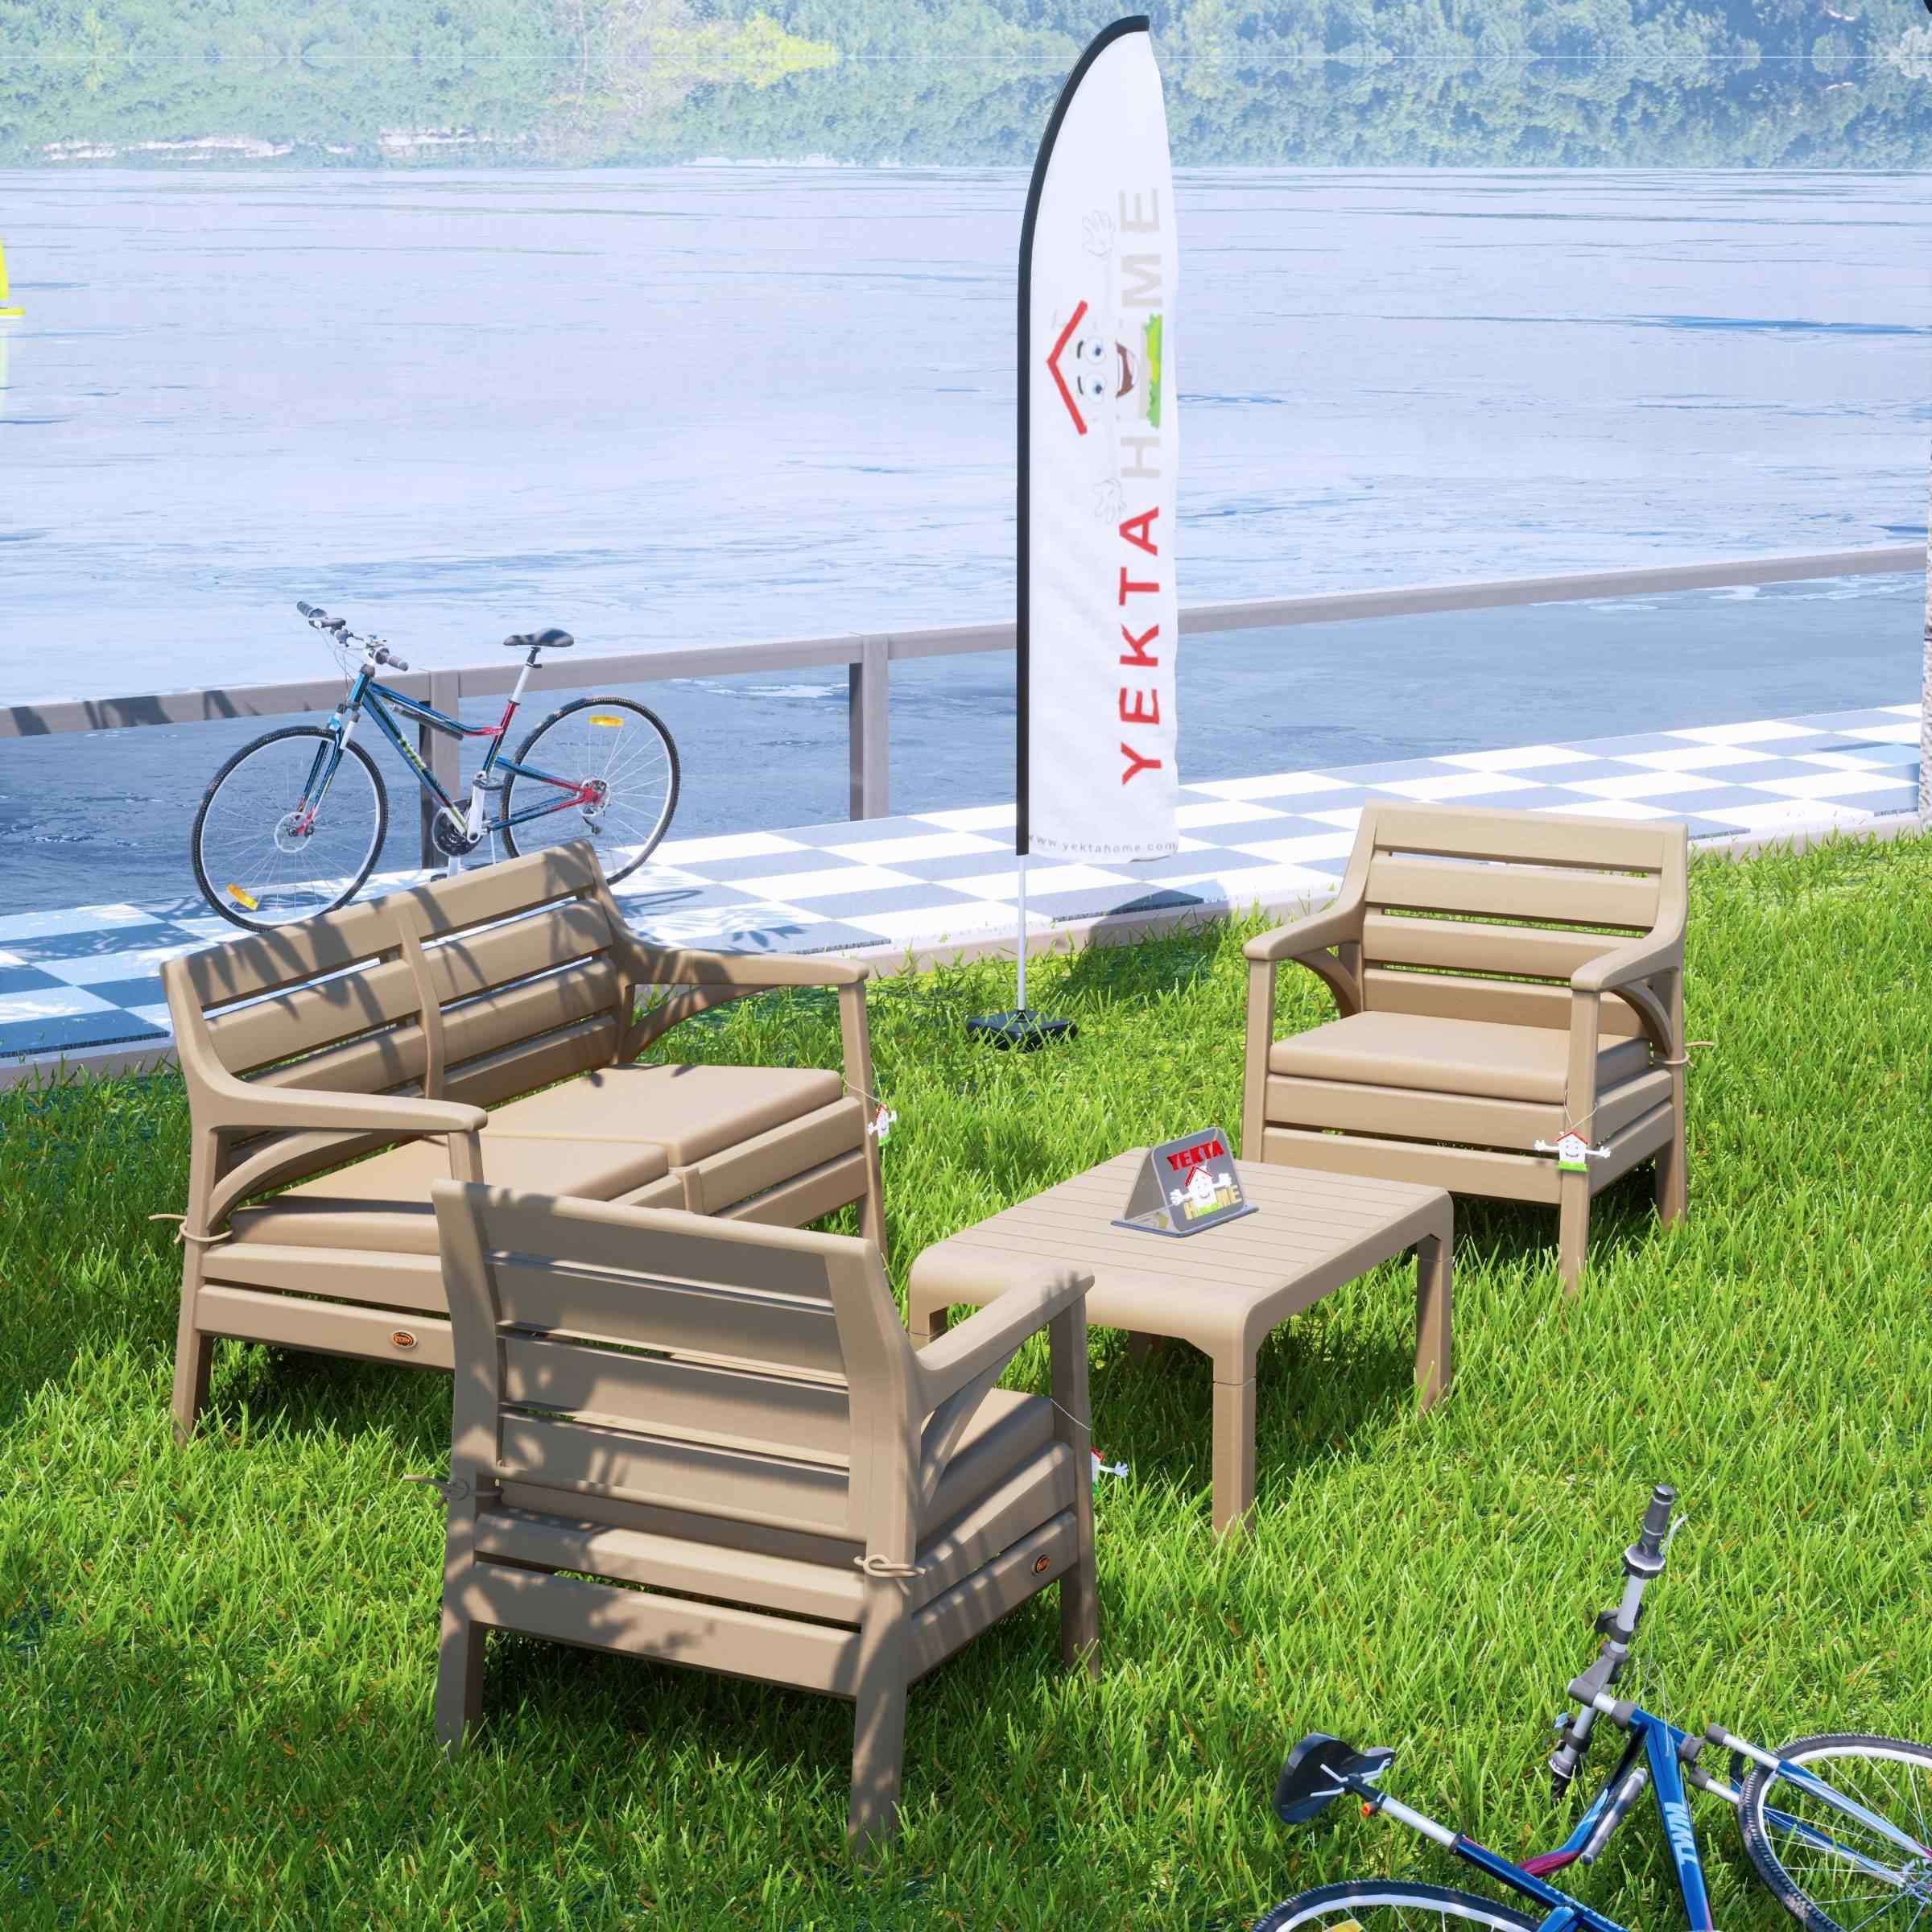 Holiday Miami Bahçe Takımı Balkon Seti Bahçe Mobilyası Cappucino